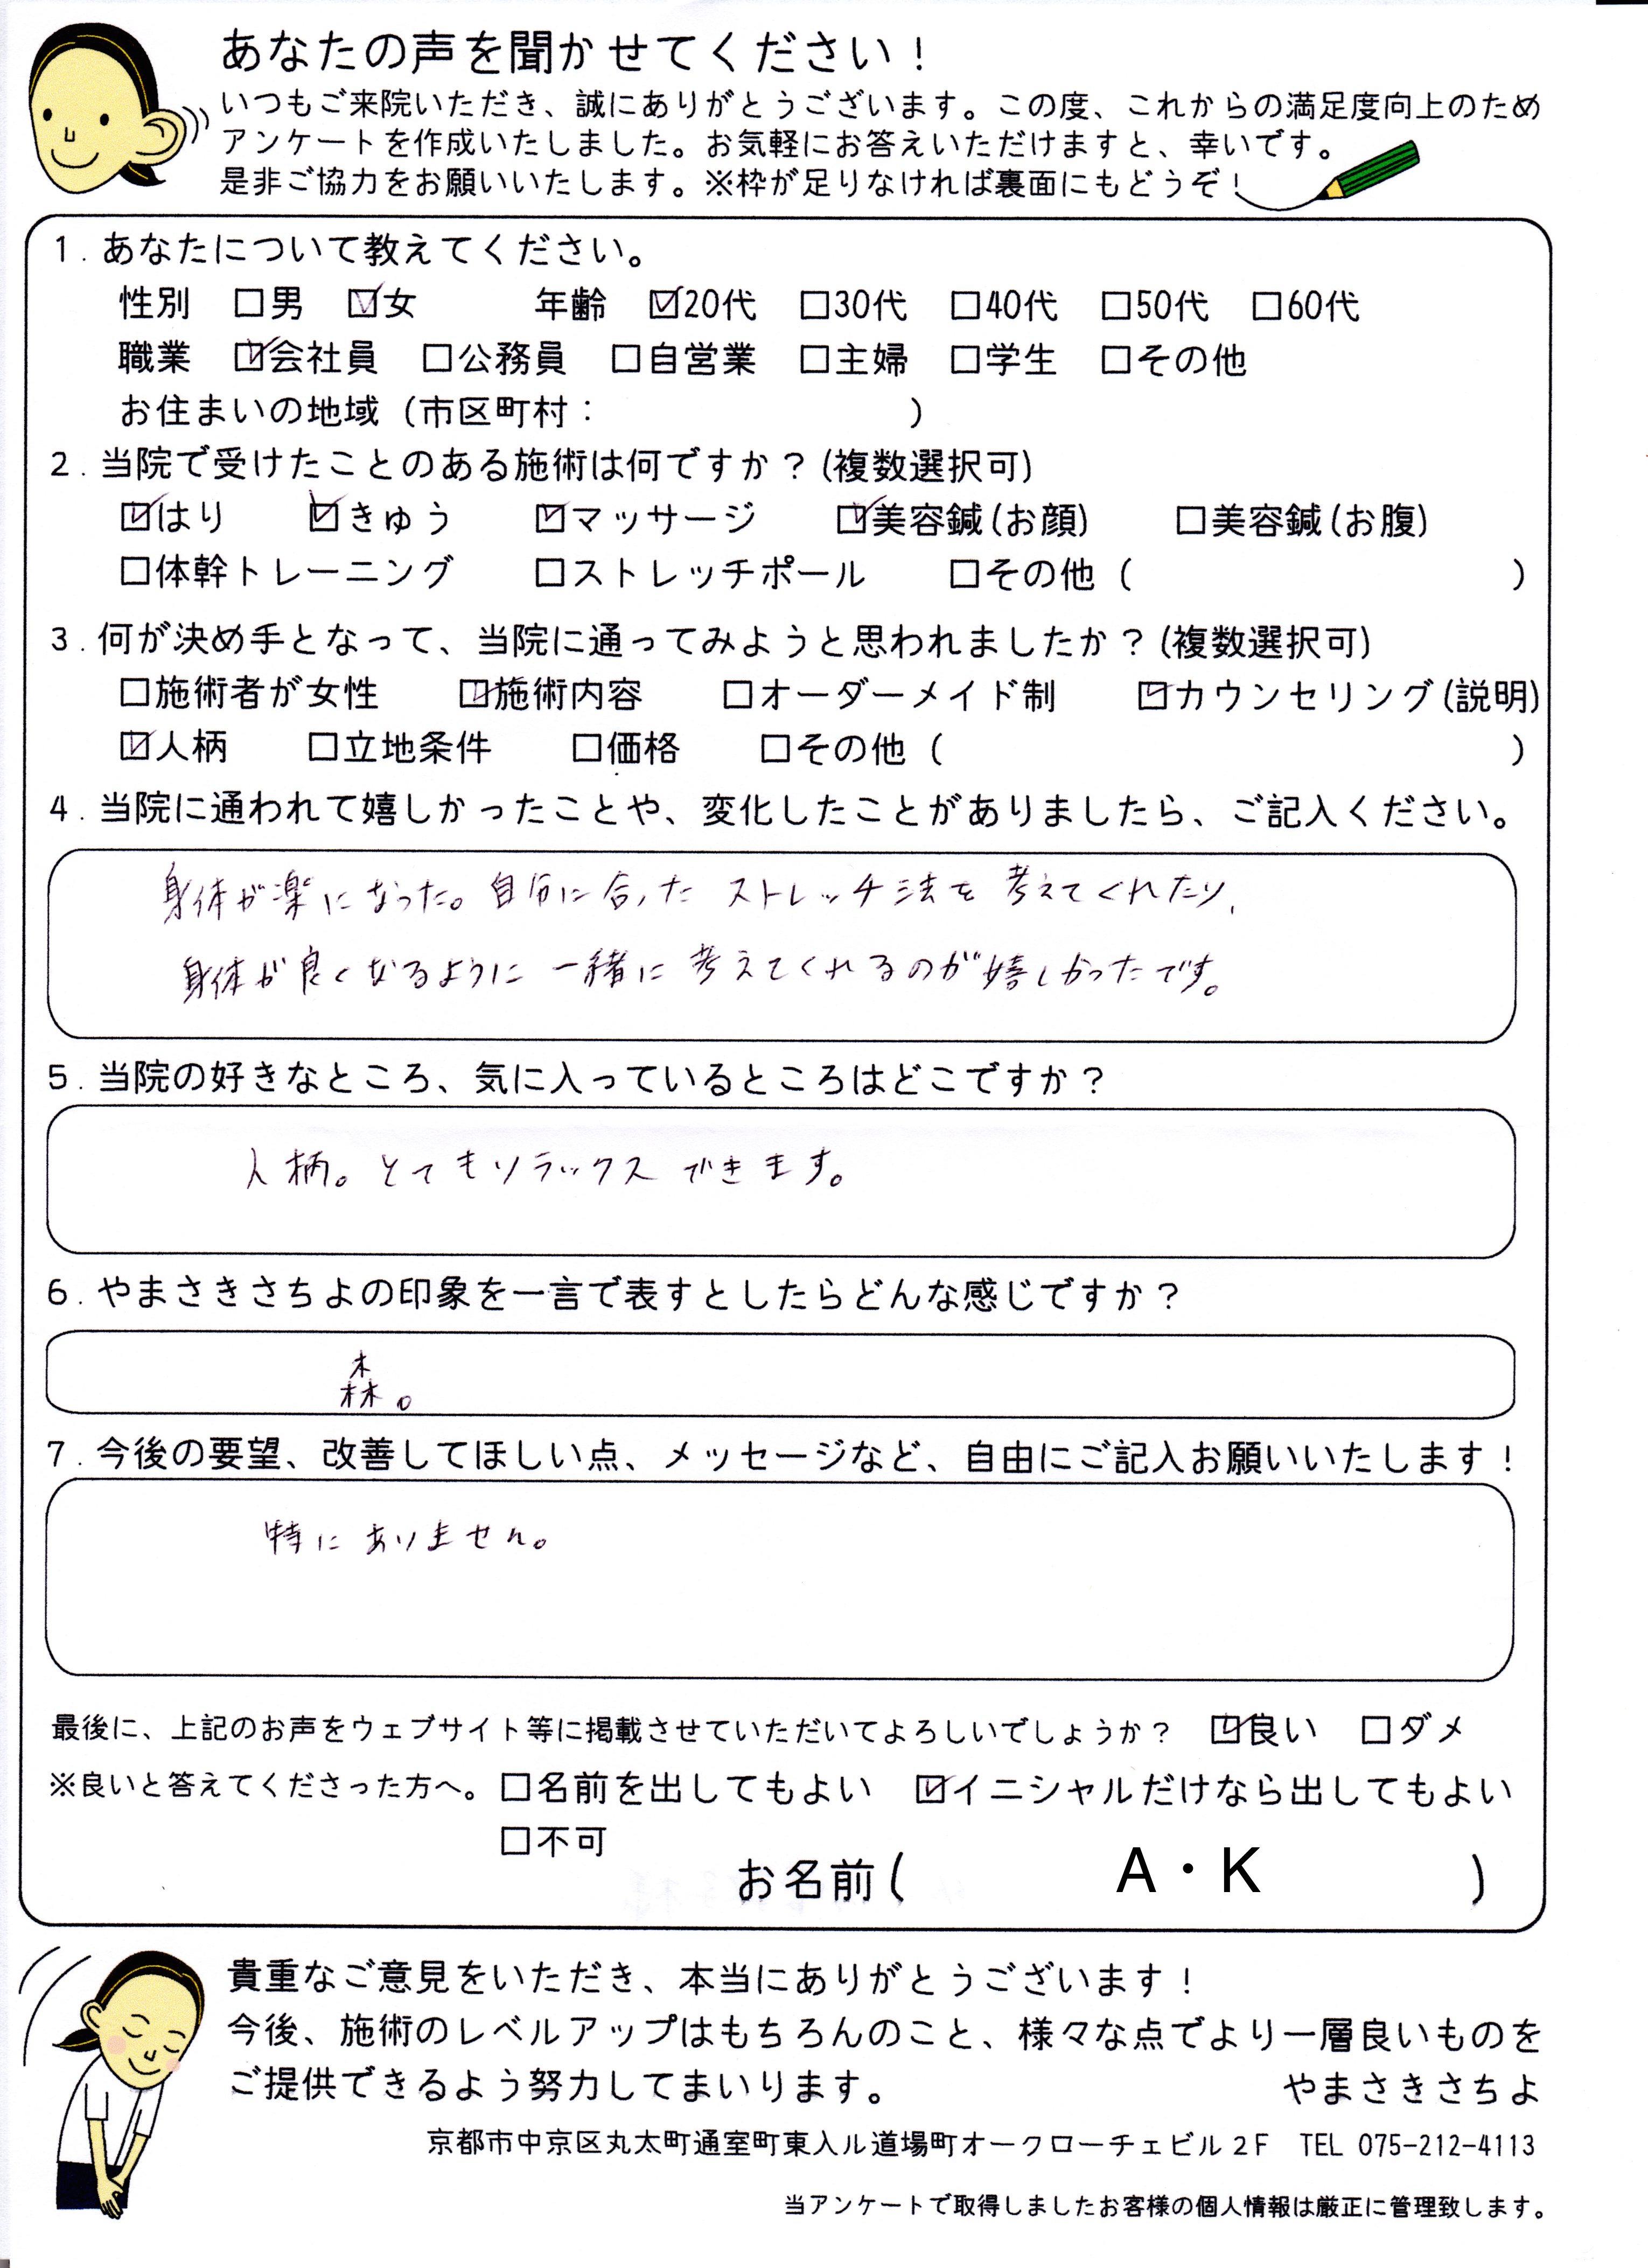 kosuga02